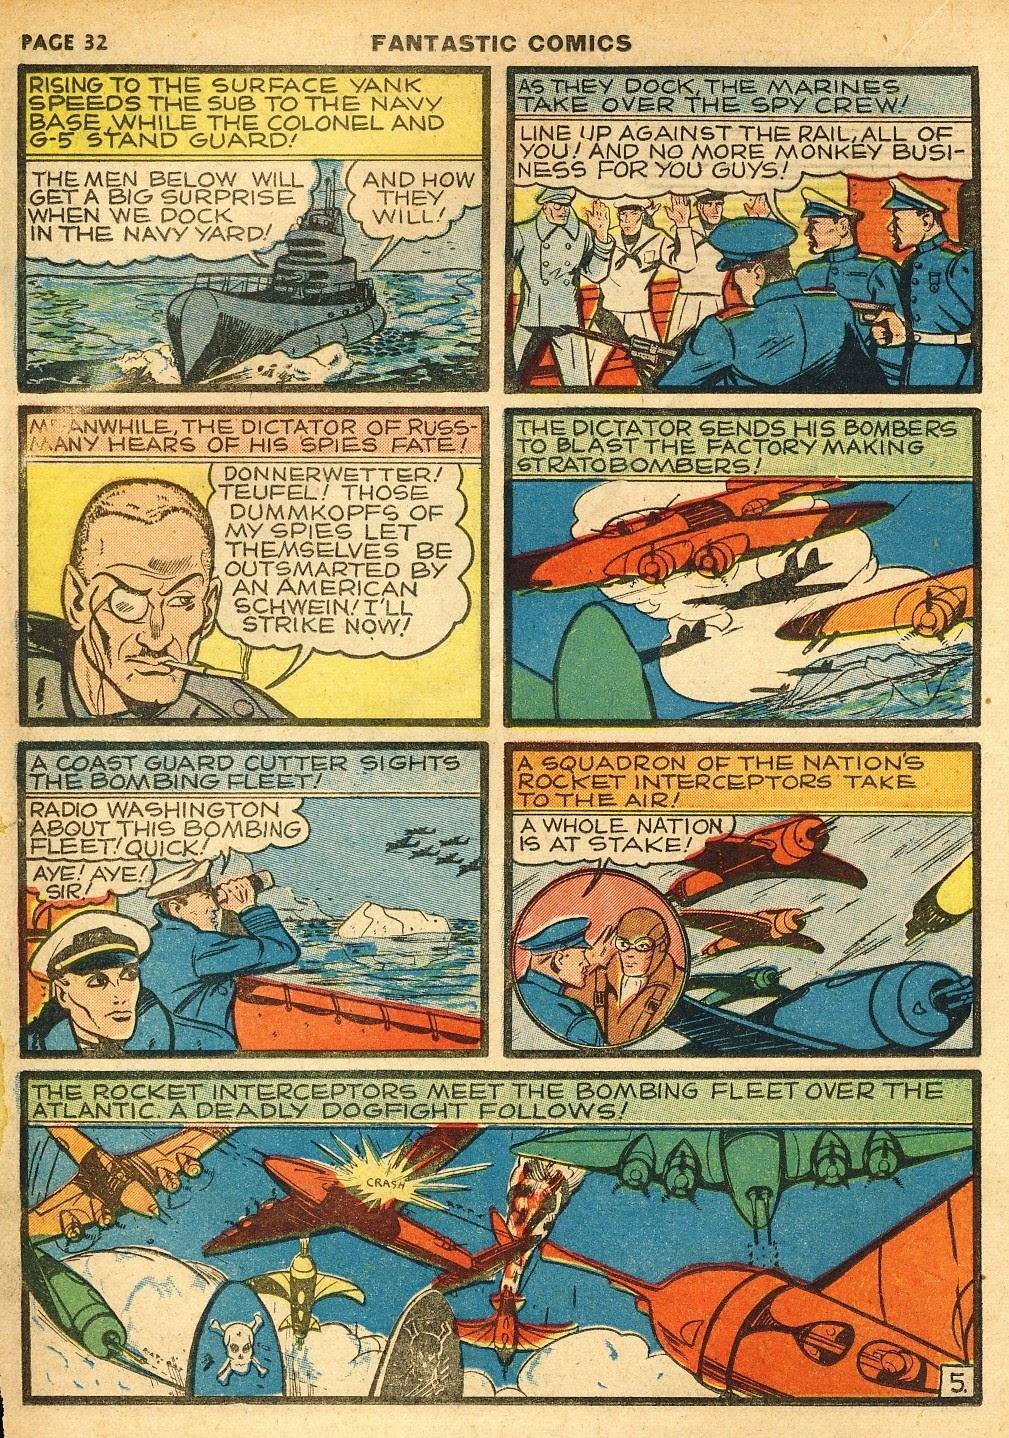 Read online Fantastic Comics comic -  Issue #10 - 33